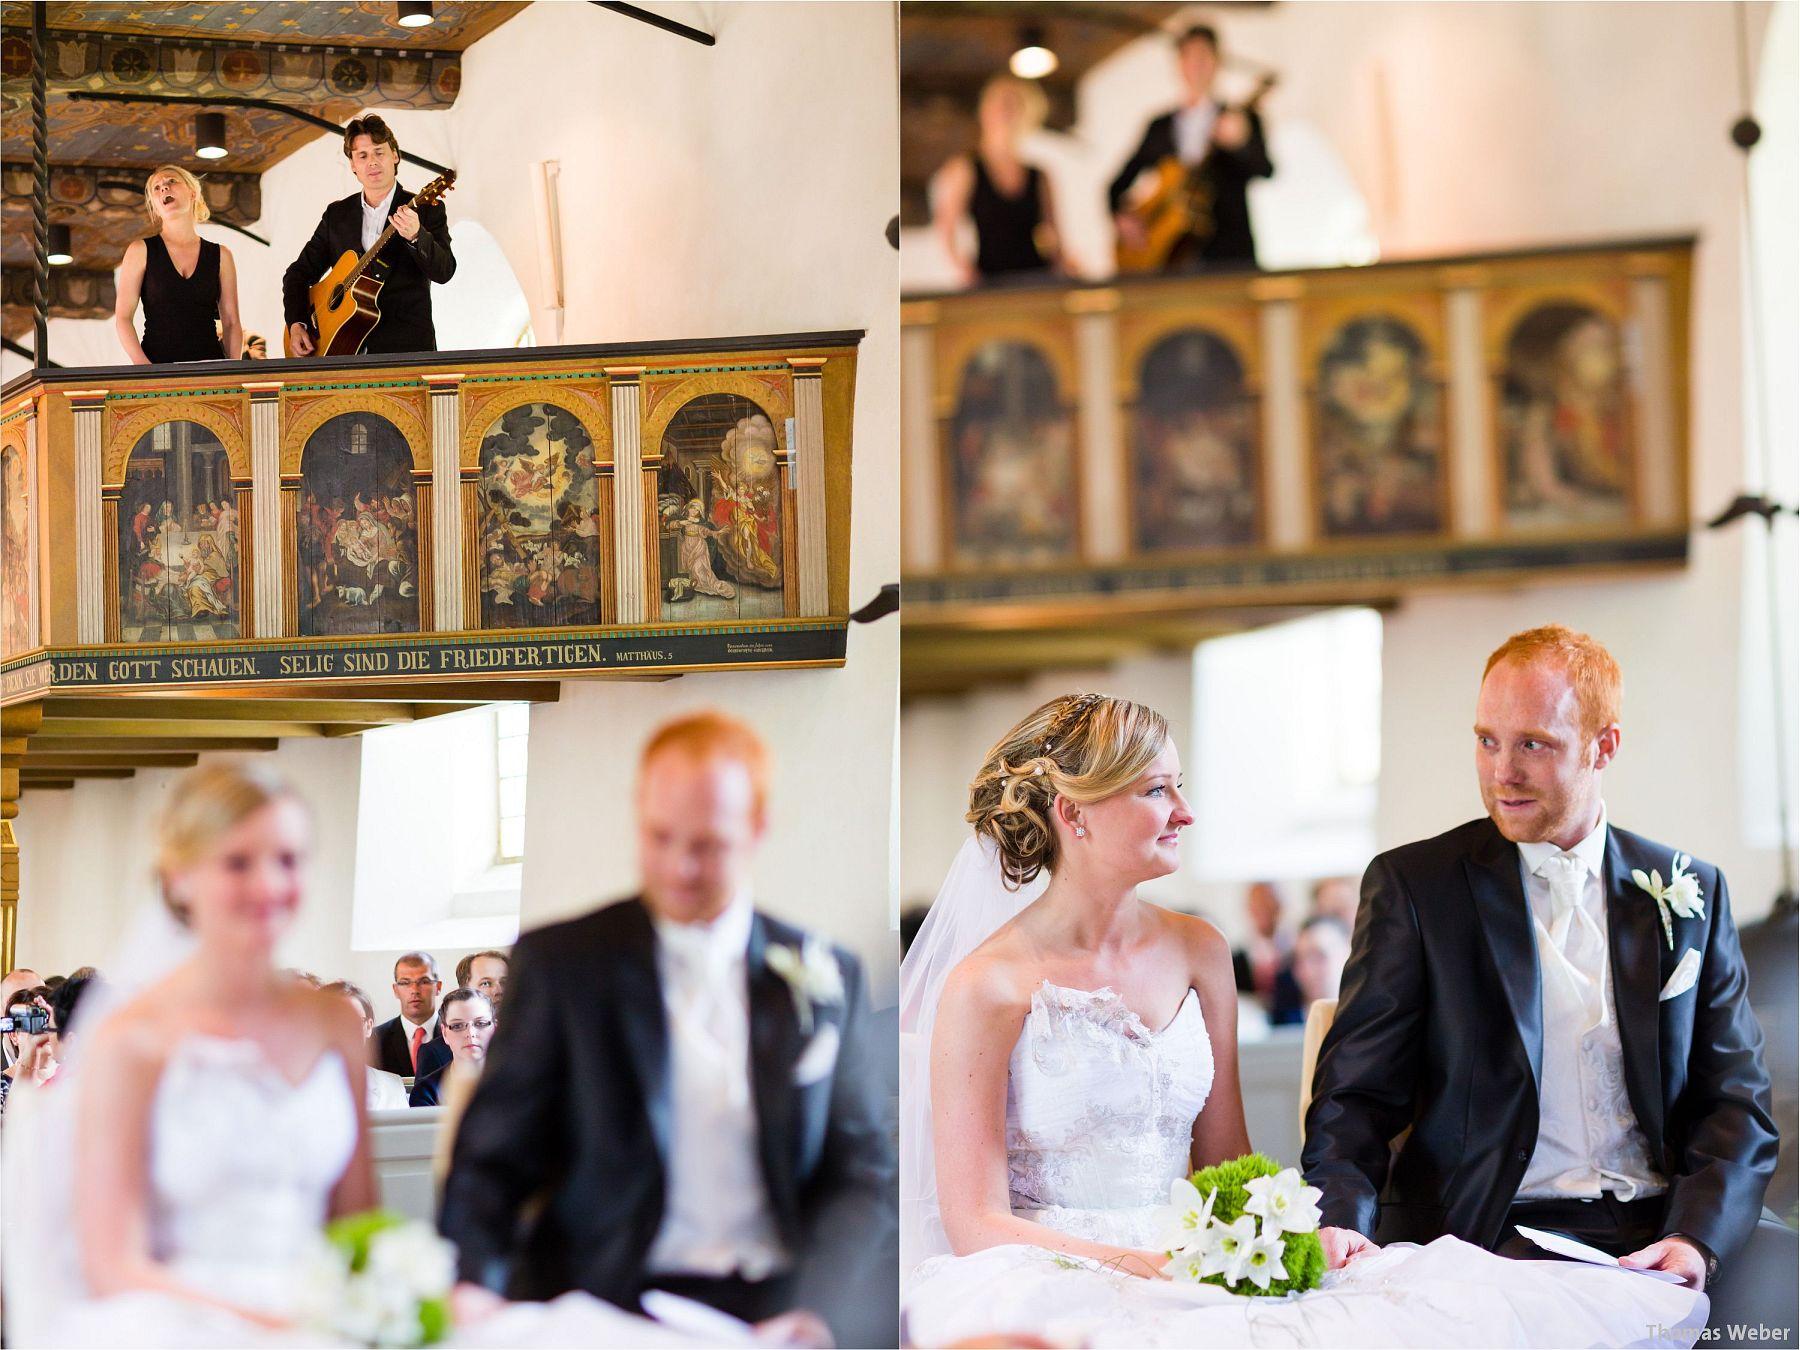 Hochzeitsfotograf Papenburg: Standesamtliche Trauung auf der Burg Kniphausen und Feier im Le Patron am Meer (39)